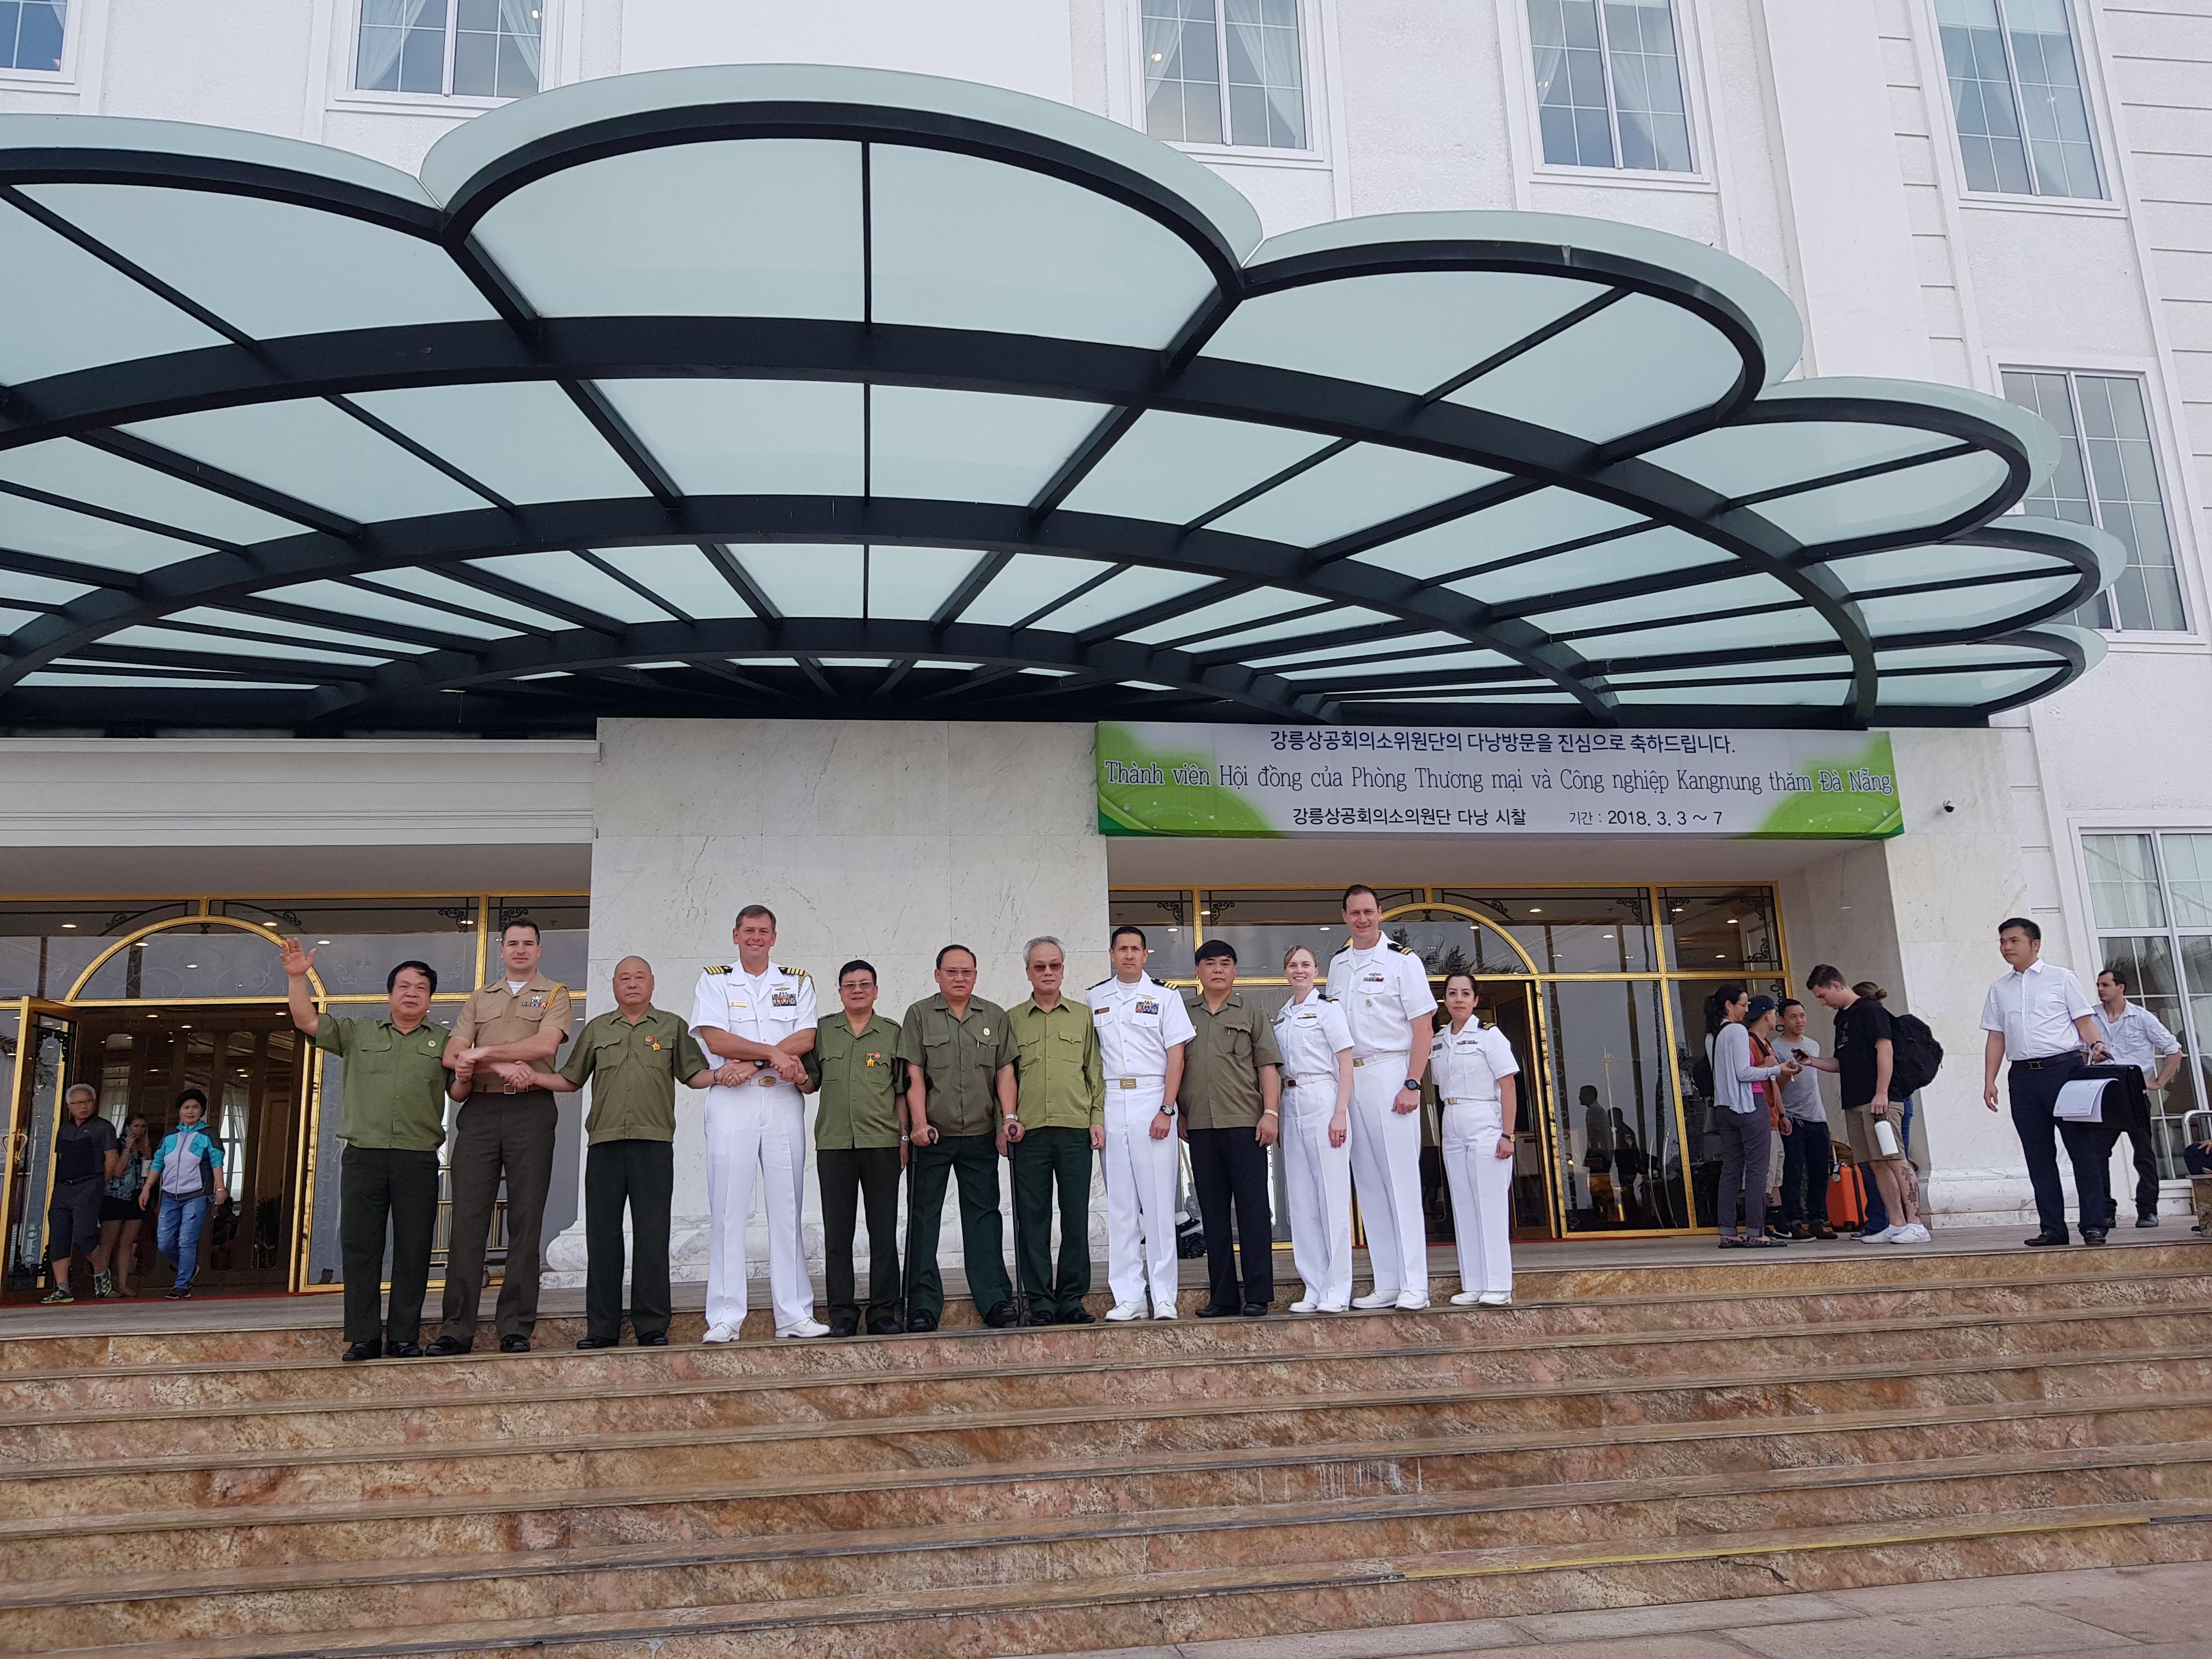 Phái đoàn siêu tàu bay USS Carl Vinson của hải quân Hoa Kỳ chụp ảnh lưu niệm cùng Ban Giám đốc Công ty TNHH Hòa Bình.